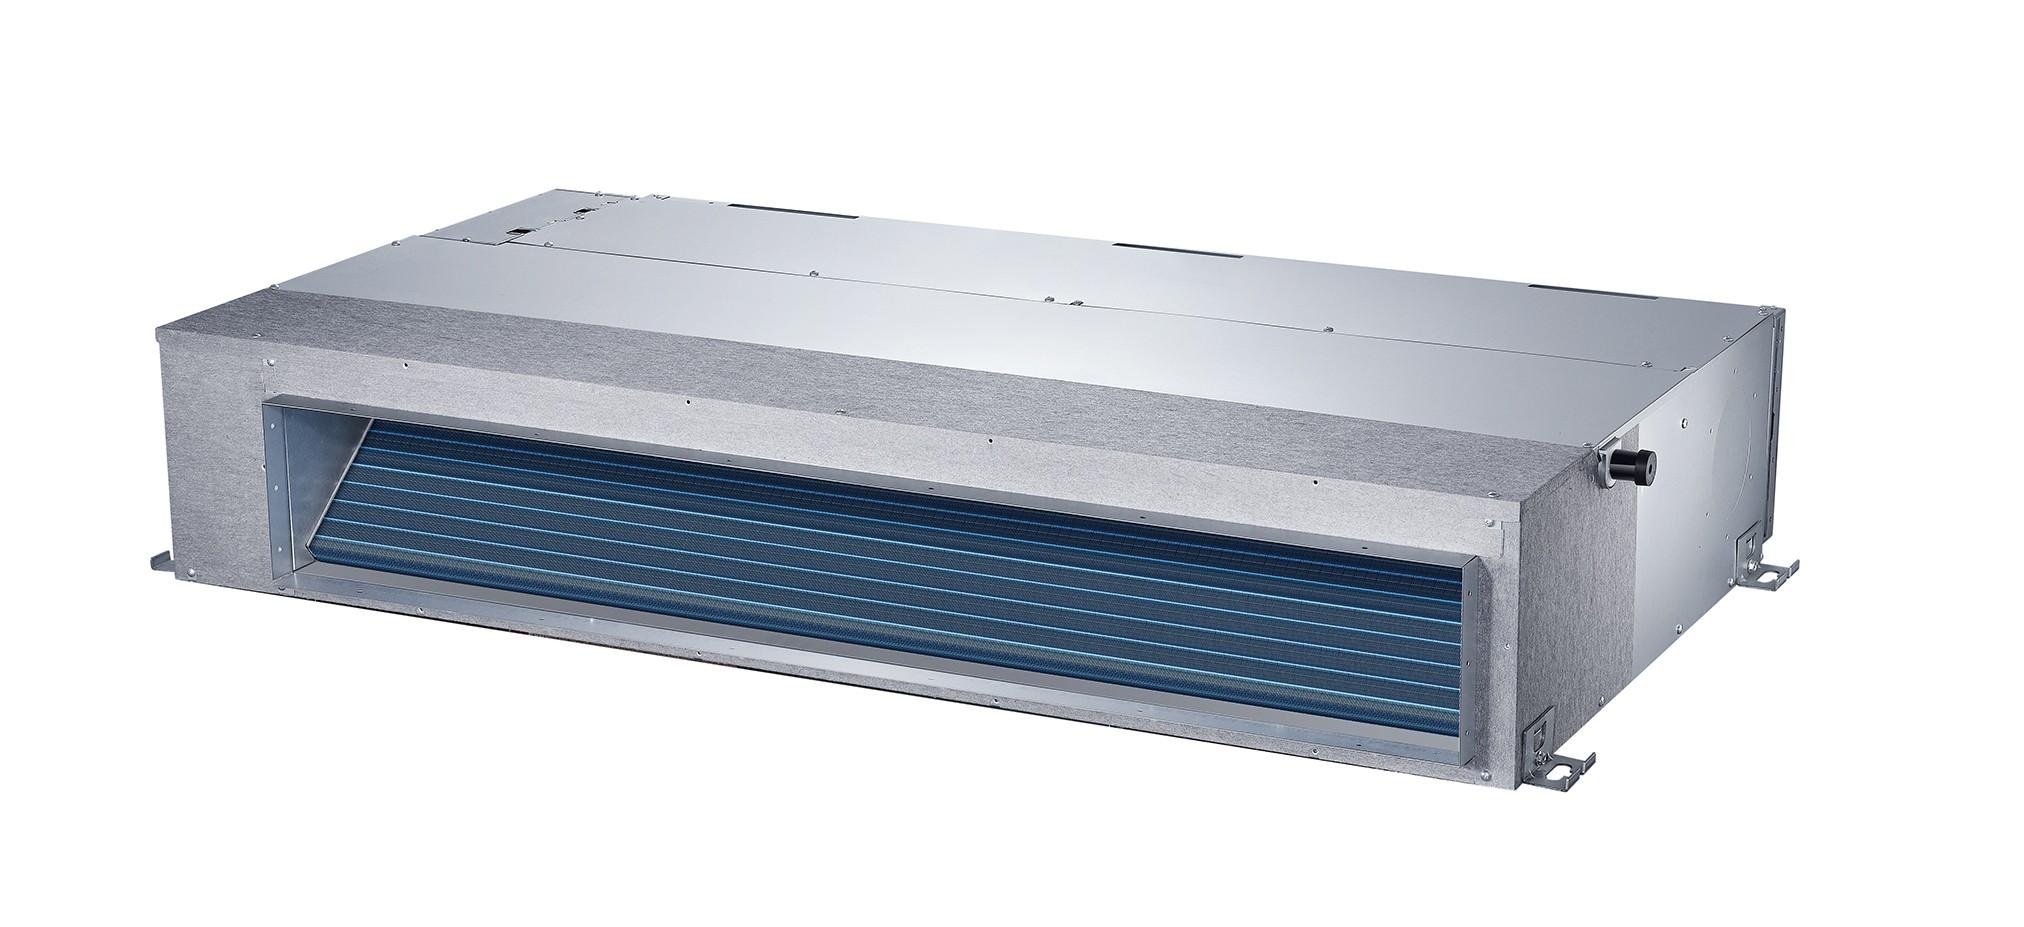 Midea Κλιματιστικό Αεραγωγού Α6 MTIU 12kBTU 1Phase